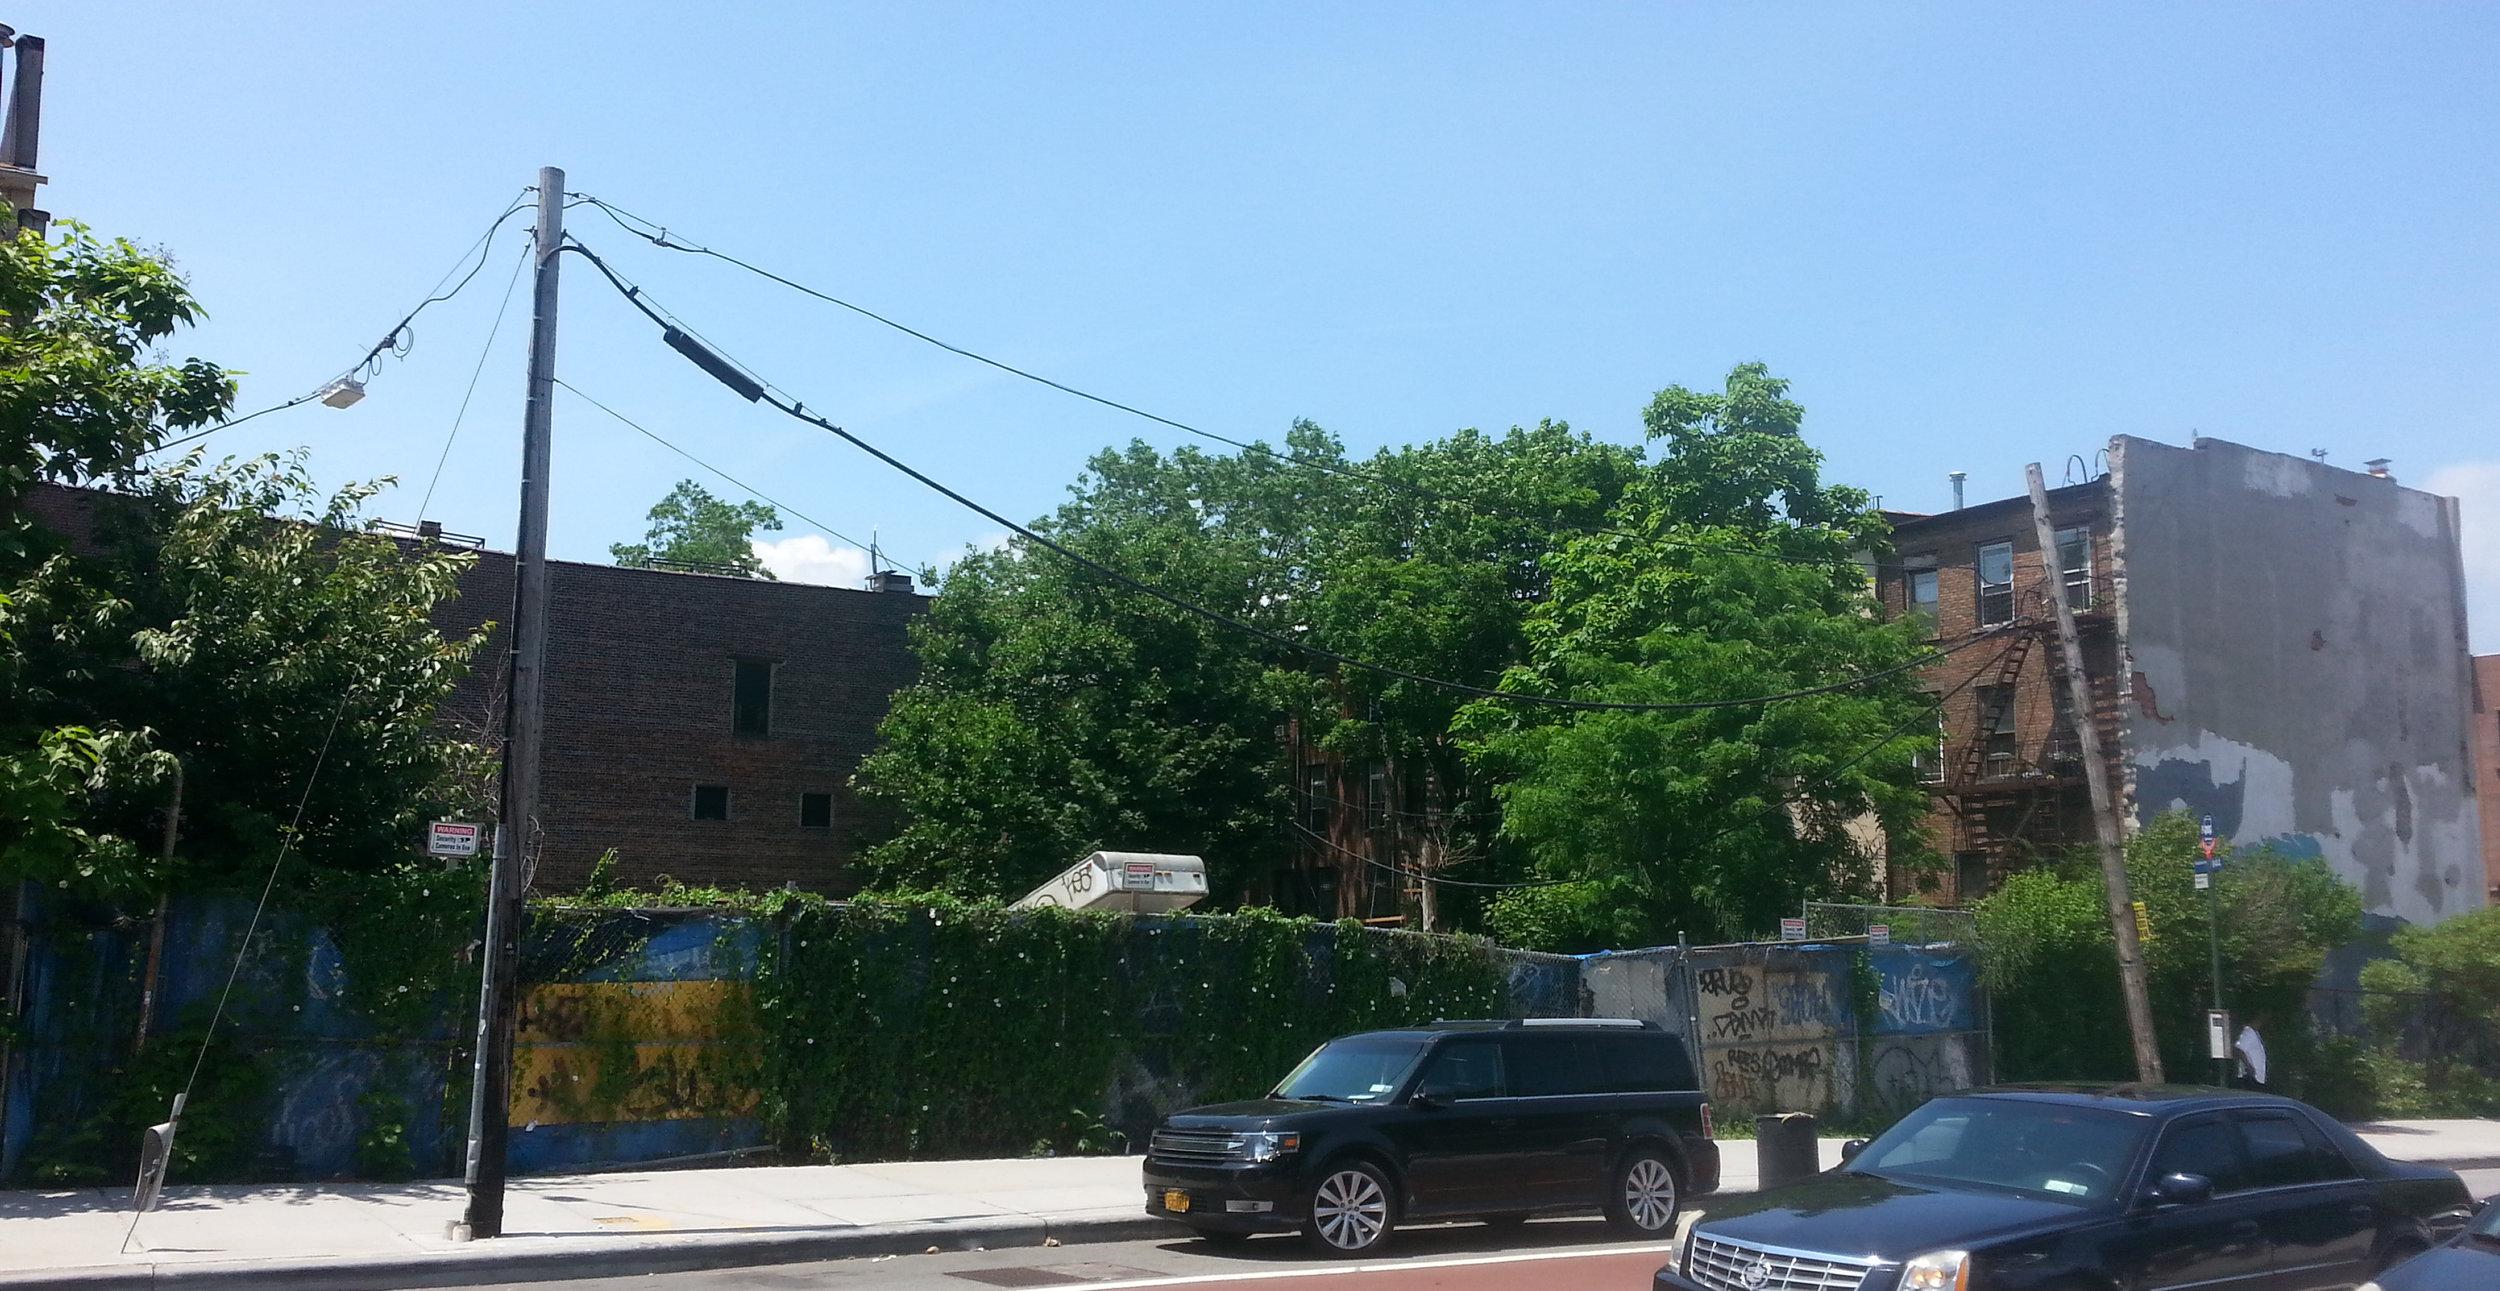 342-344 Nostrand Ave., Brooklyn, NY. Photo: Darryl Montgomery.